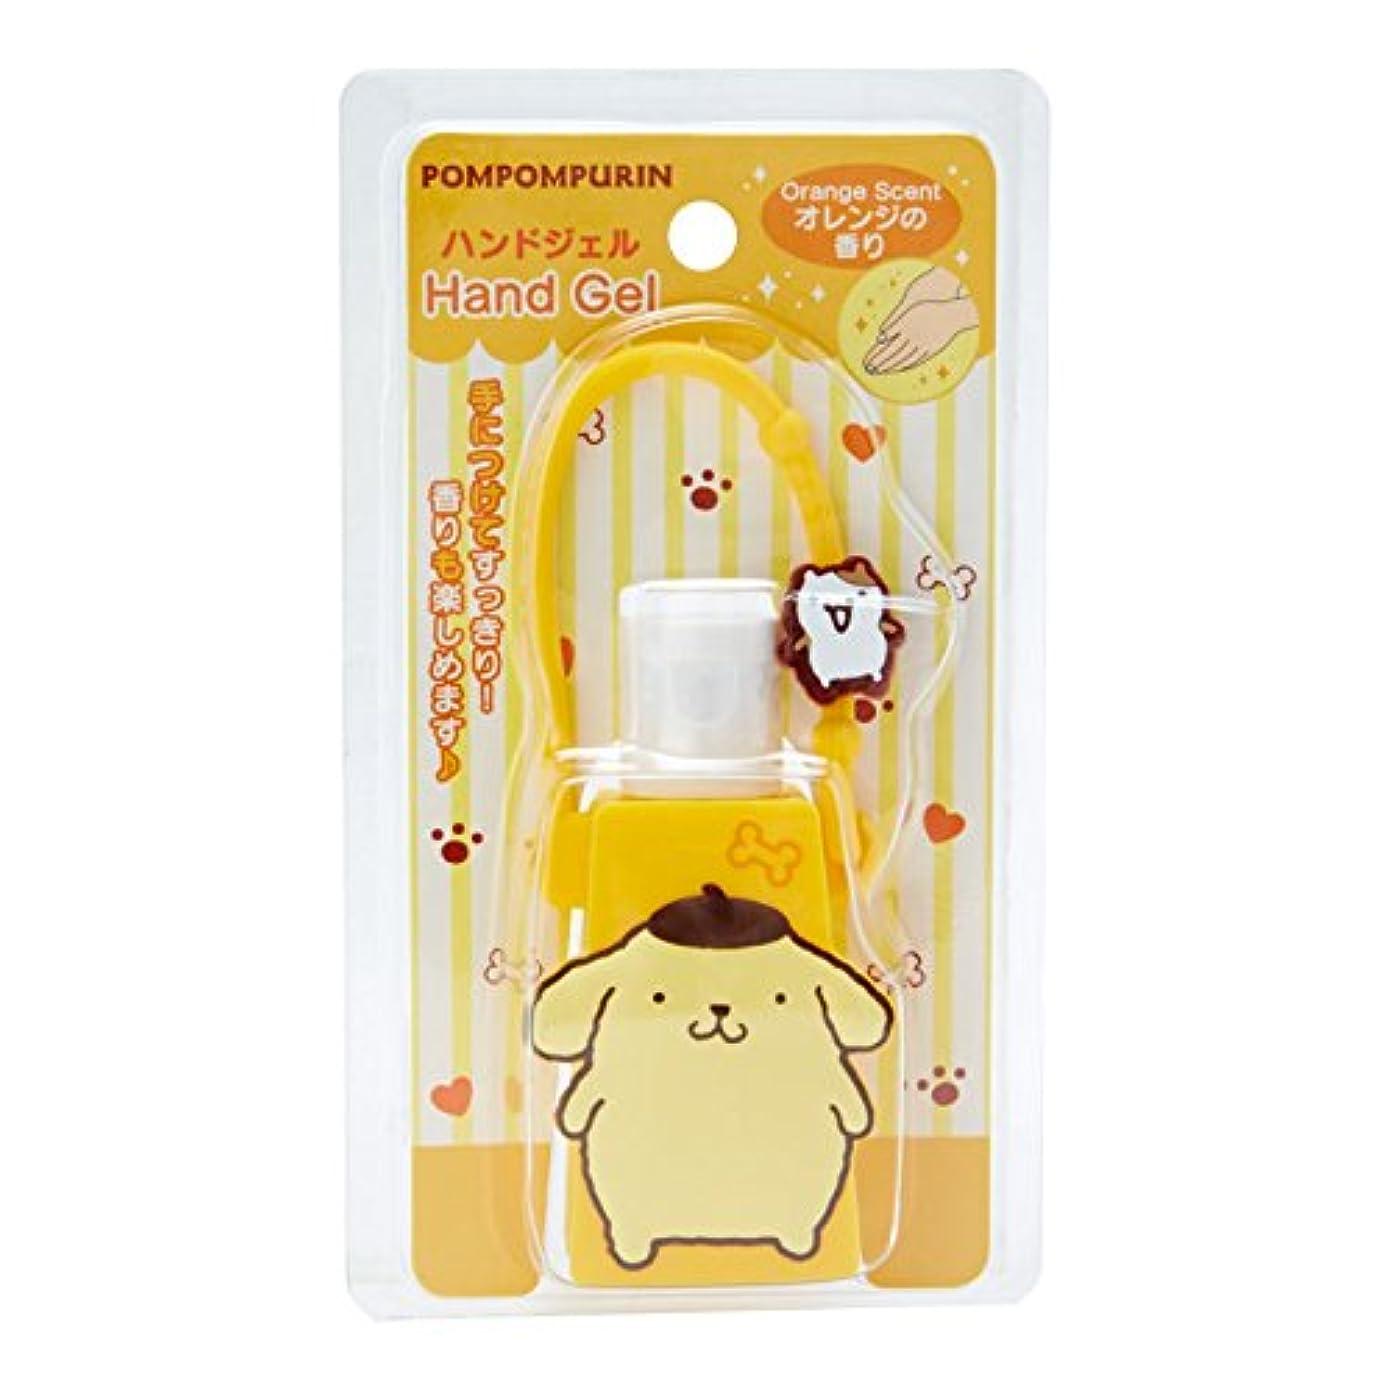 ミリメートルモーション透過性ポムポムプリン 携帯ハンドジェル(オレンジの香り)